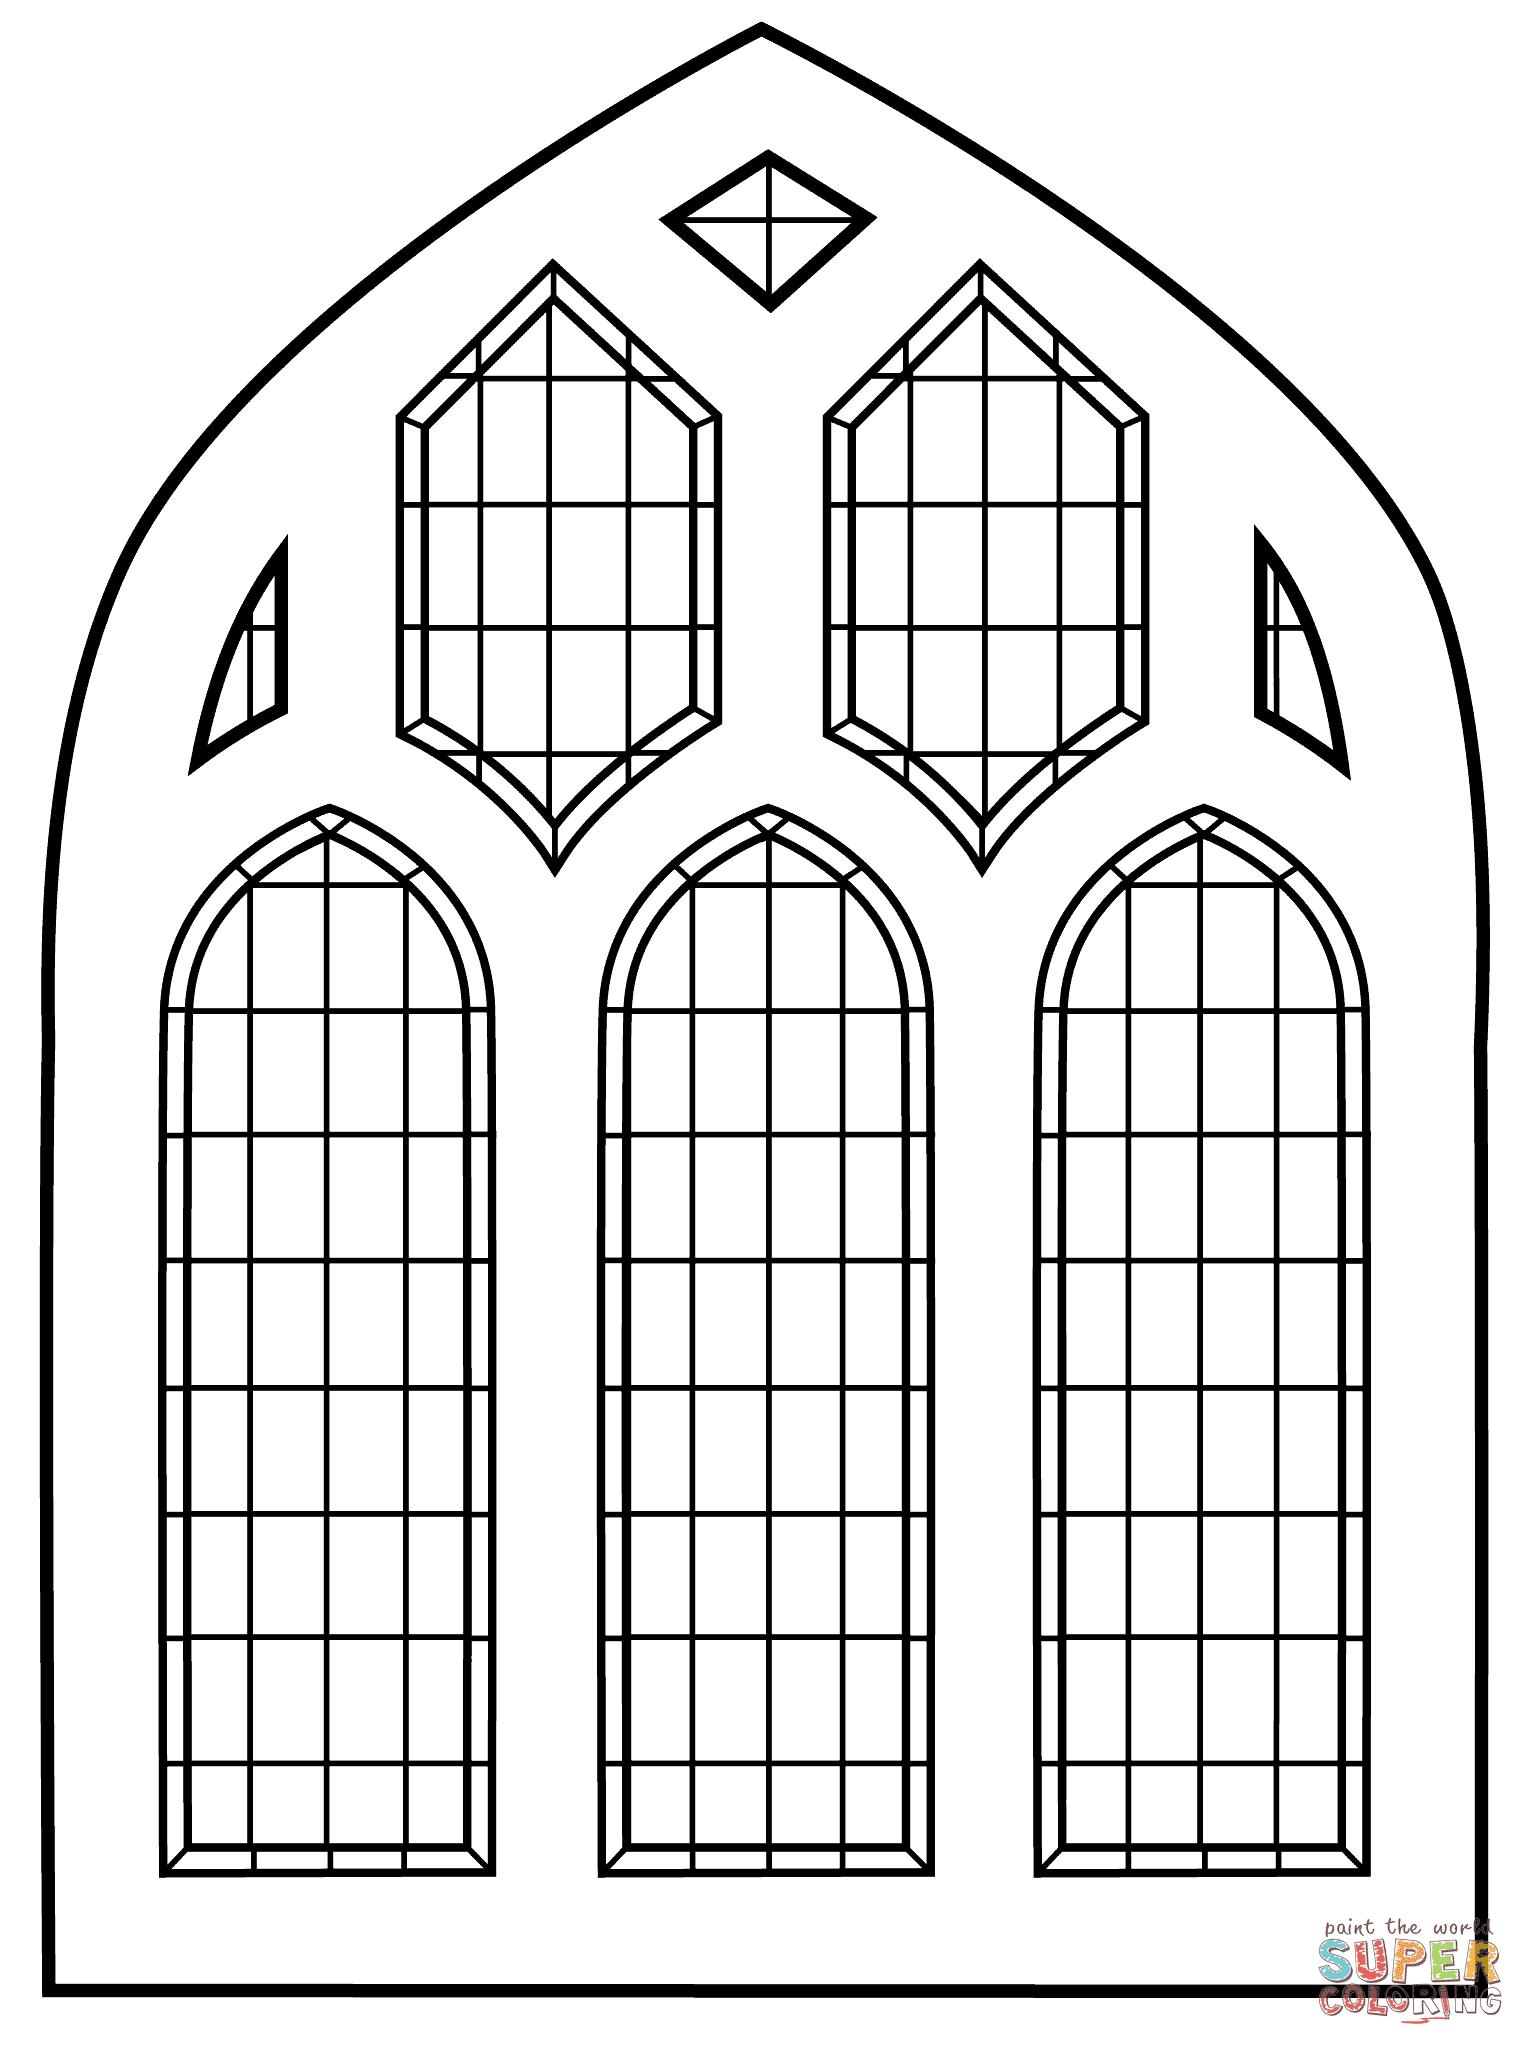 Ausmalbild Buntglas Fenster Ausmalbilder Kostenlos Zum Ausdrucken